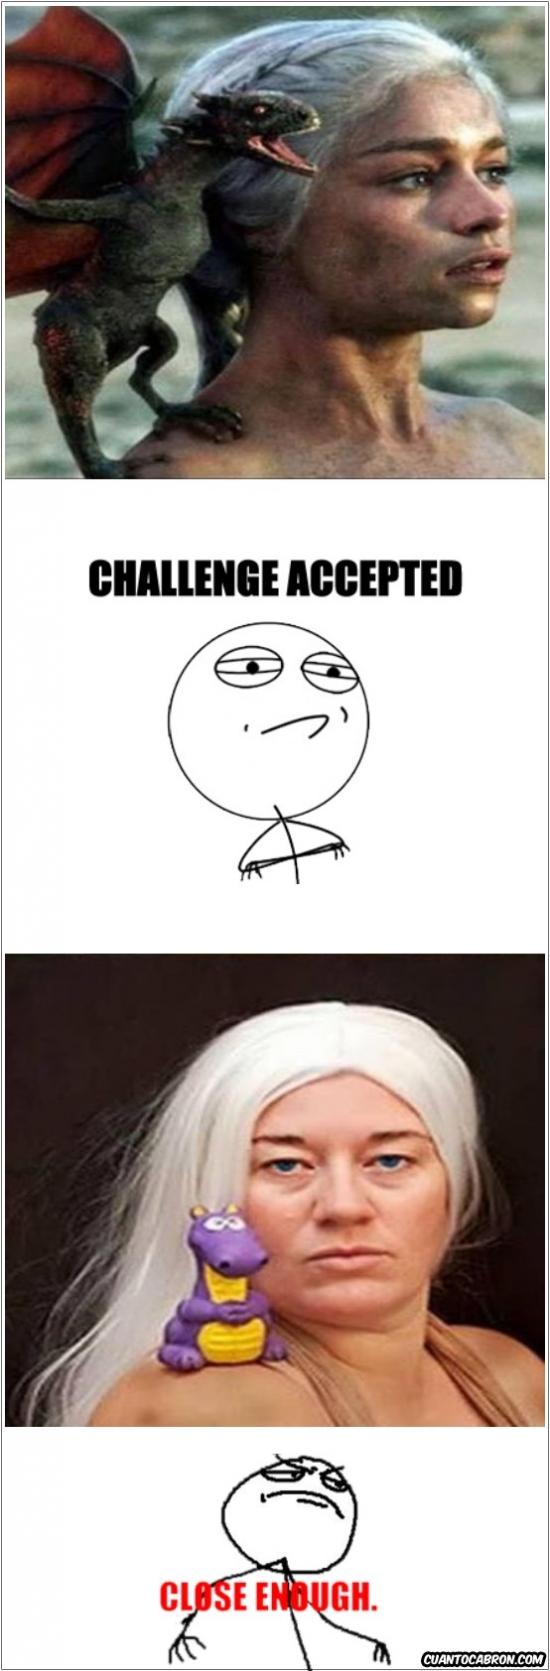 Challenge_accepted - Tratando de hacer cosplay de Daenerys